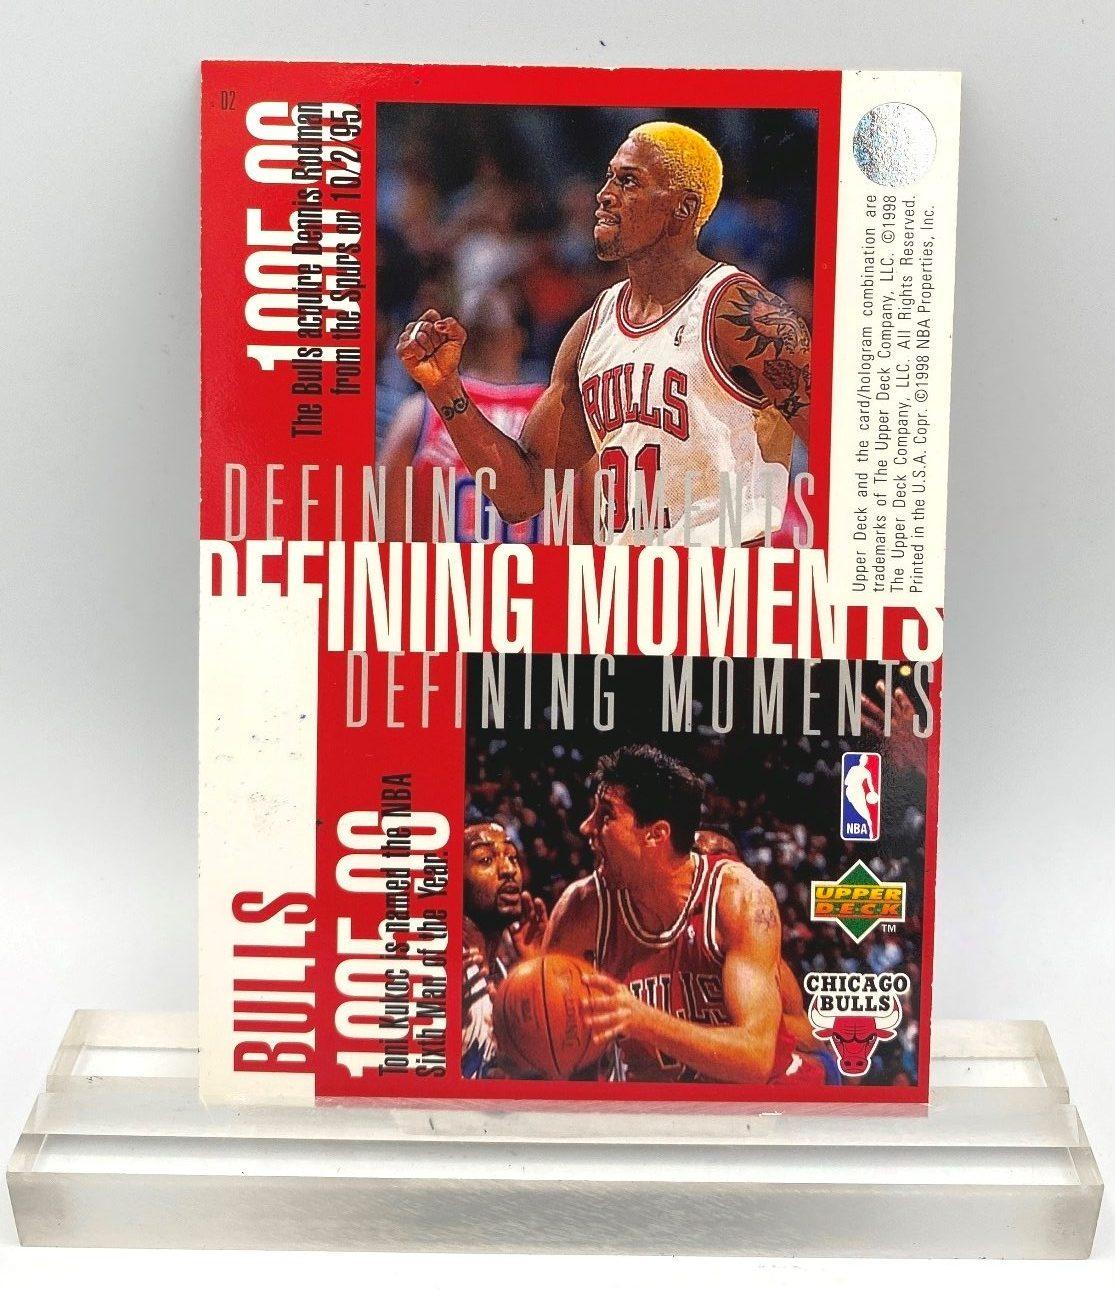 1998 Upper Deck Defining Moments (Michael Jordan) 3.5x5 (1pc) Card # D2 (4)